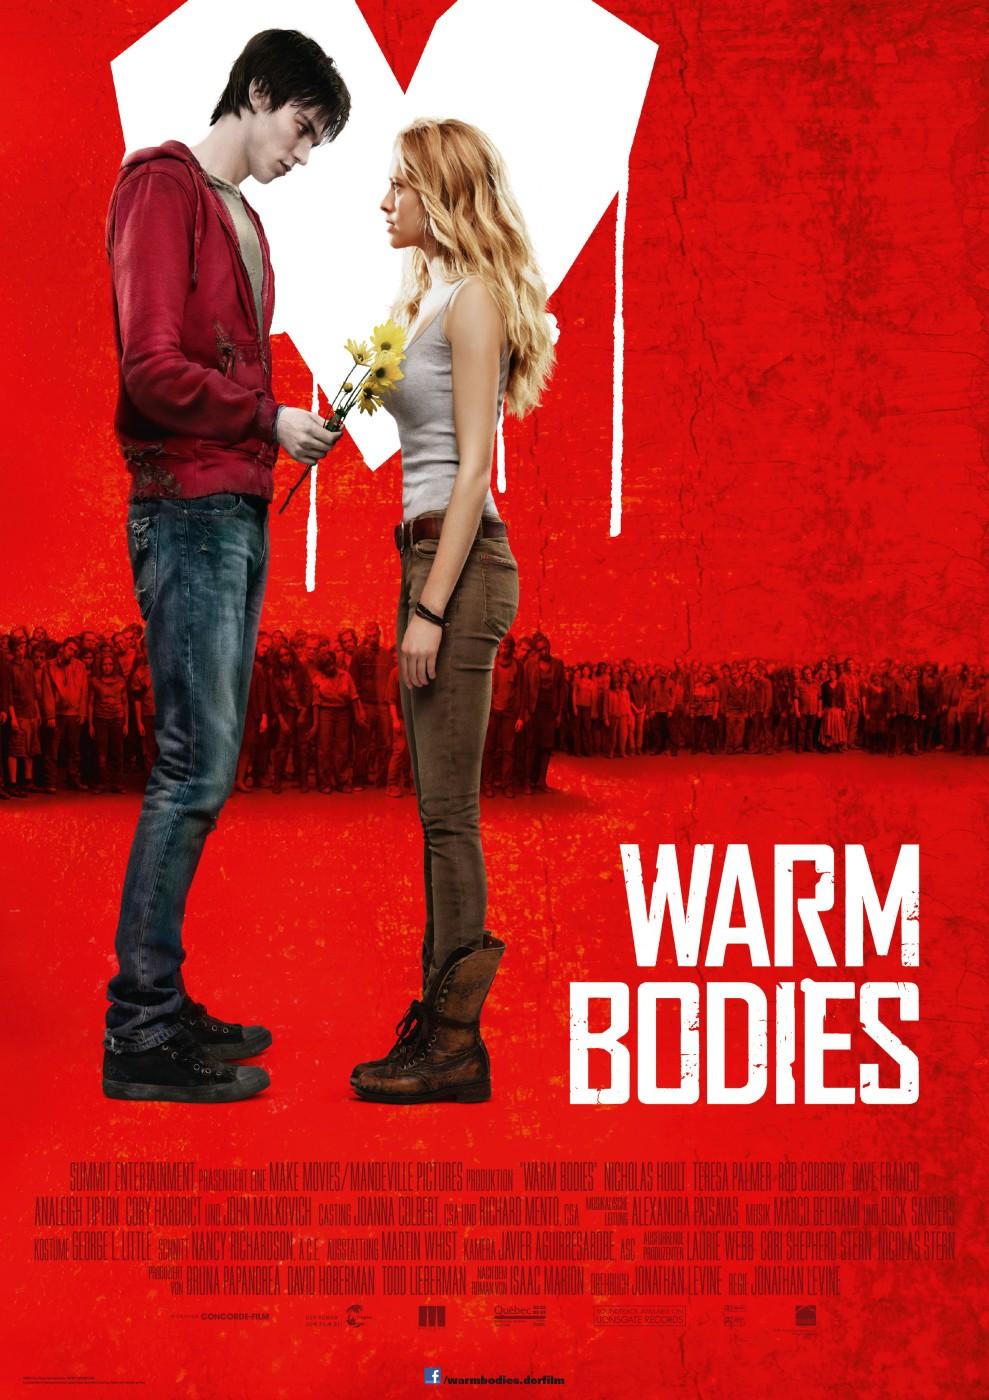 Warm Bodies - Poster - 008